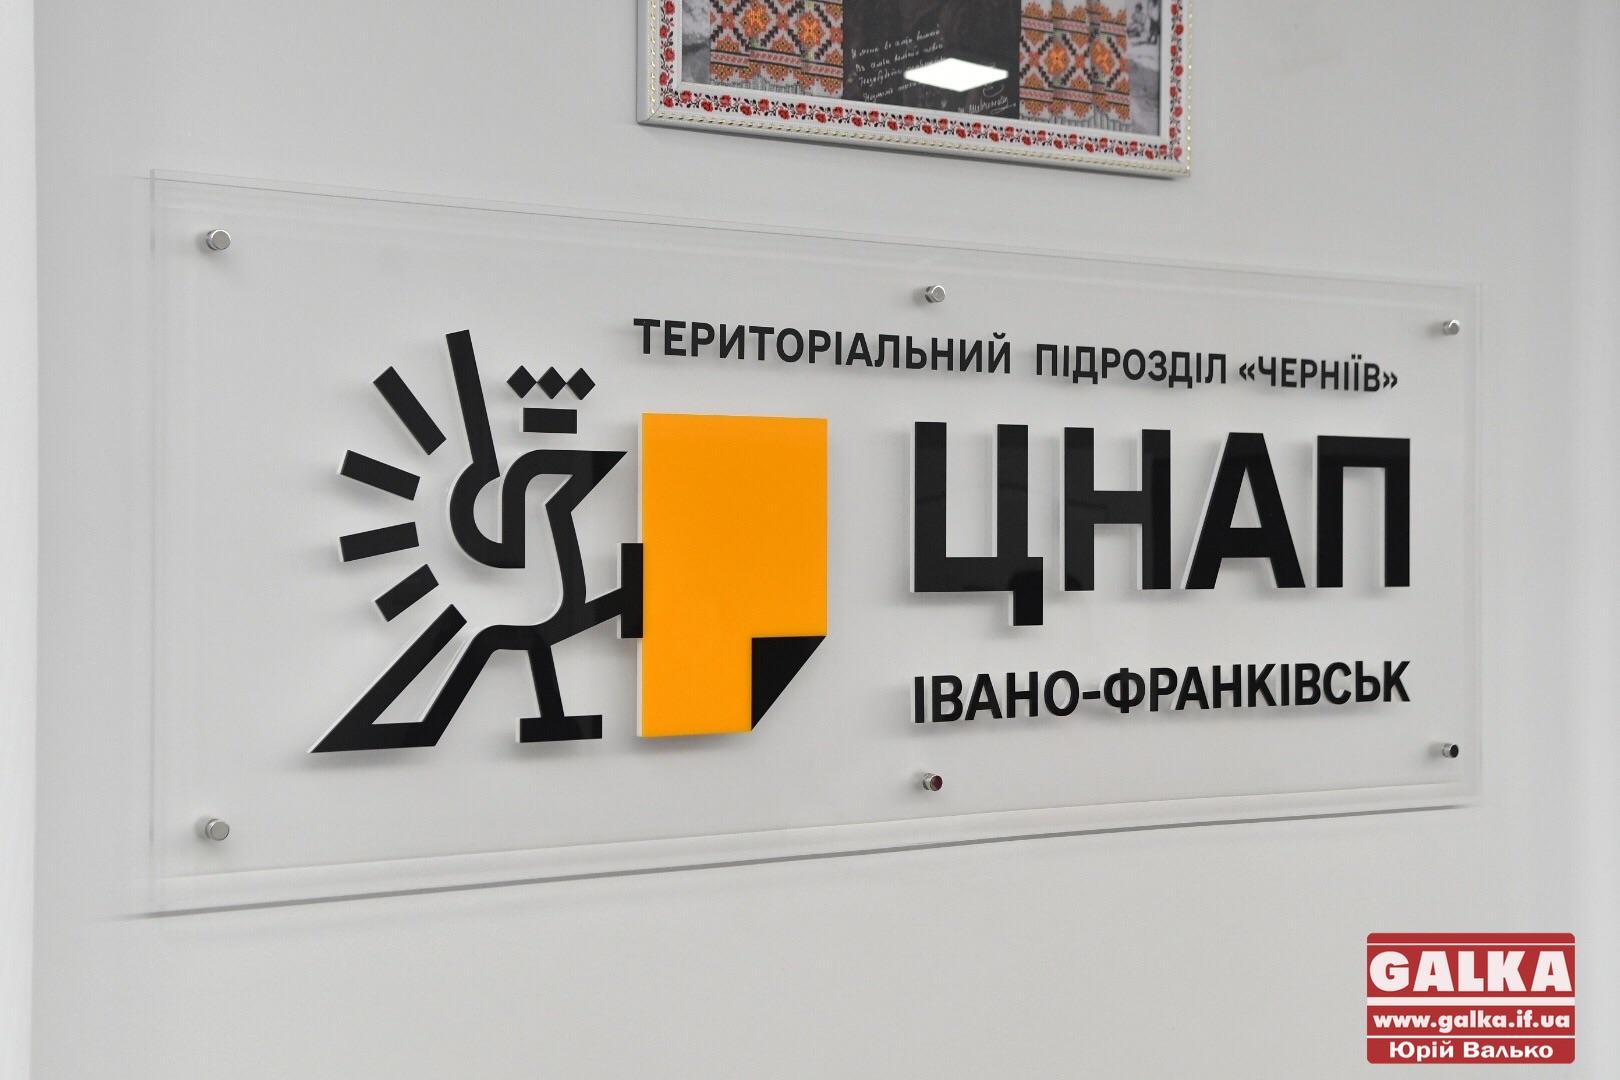 У Чернієві під звуки оркестру відкрили ЦНАП (ФОТО)